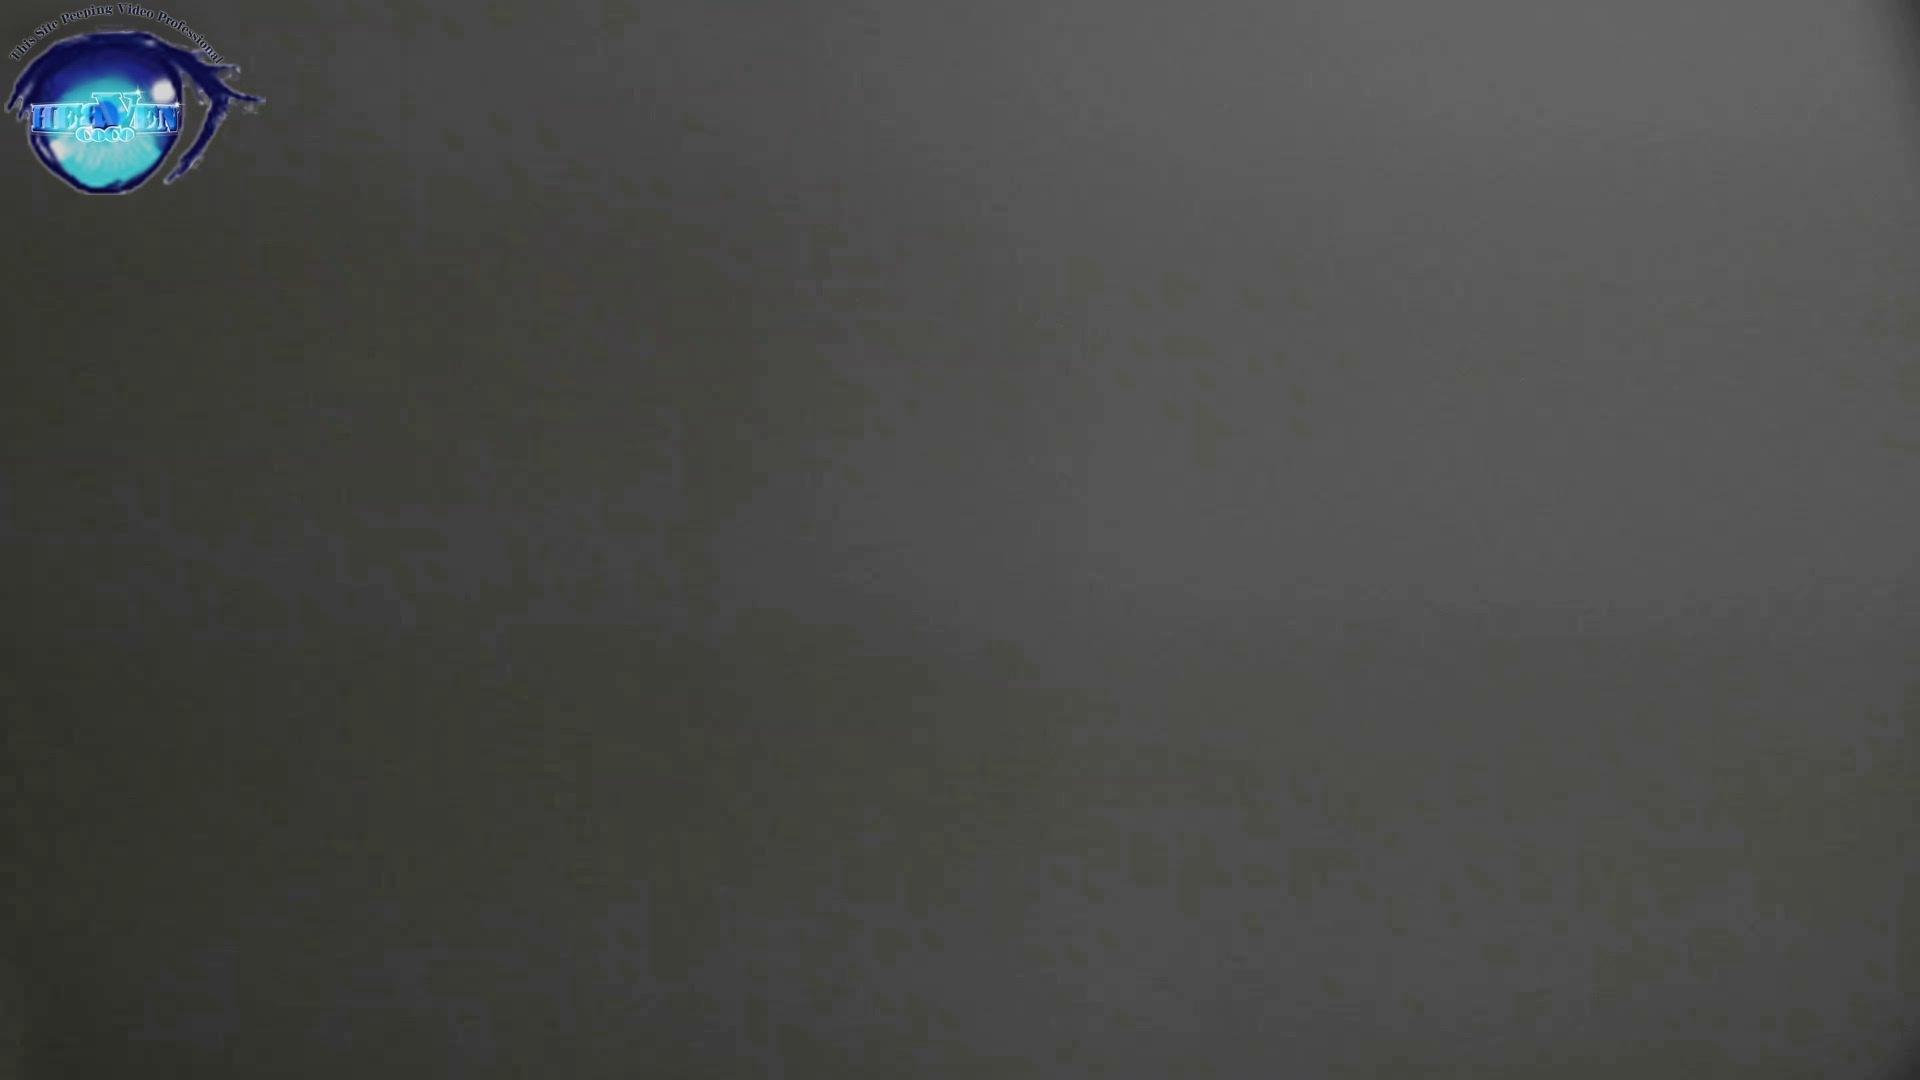 お銀さん vol.59 ピンチ!!「鏡の前で祈る女性」にばれる危機 前編 おまんこ見放題 | 盗撮シリーズ  83PIX 47